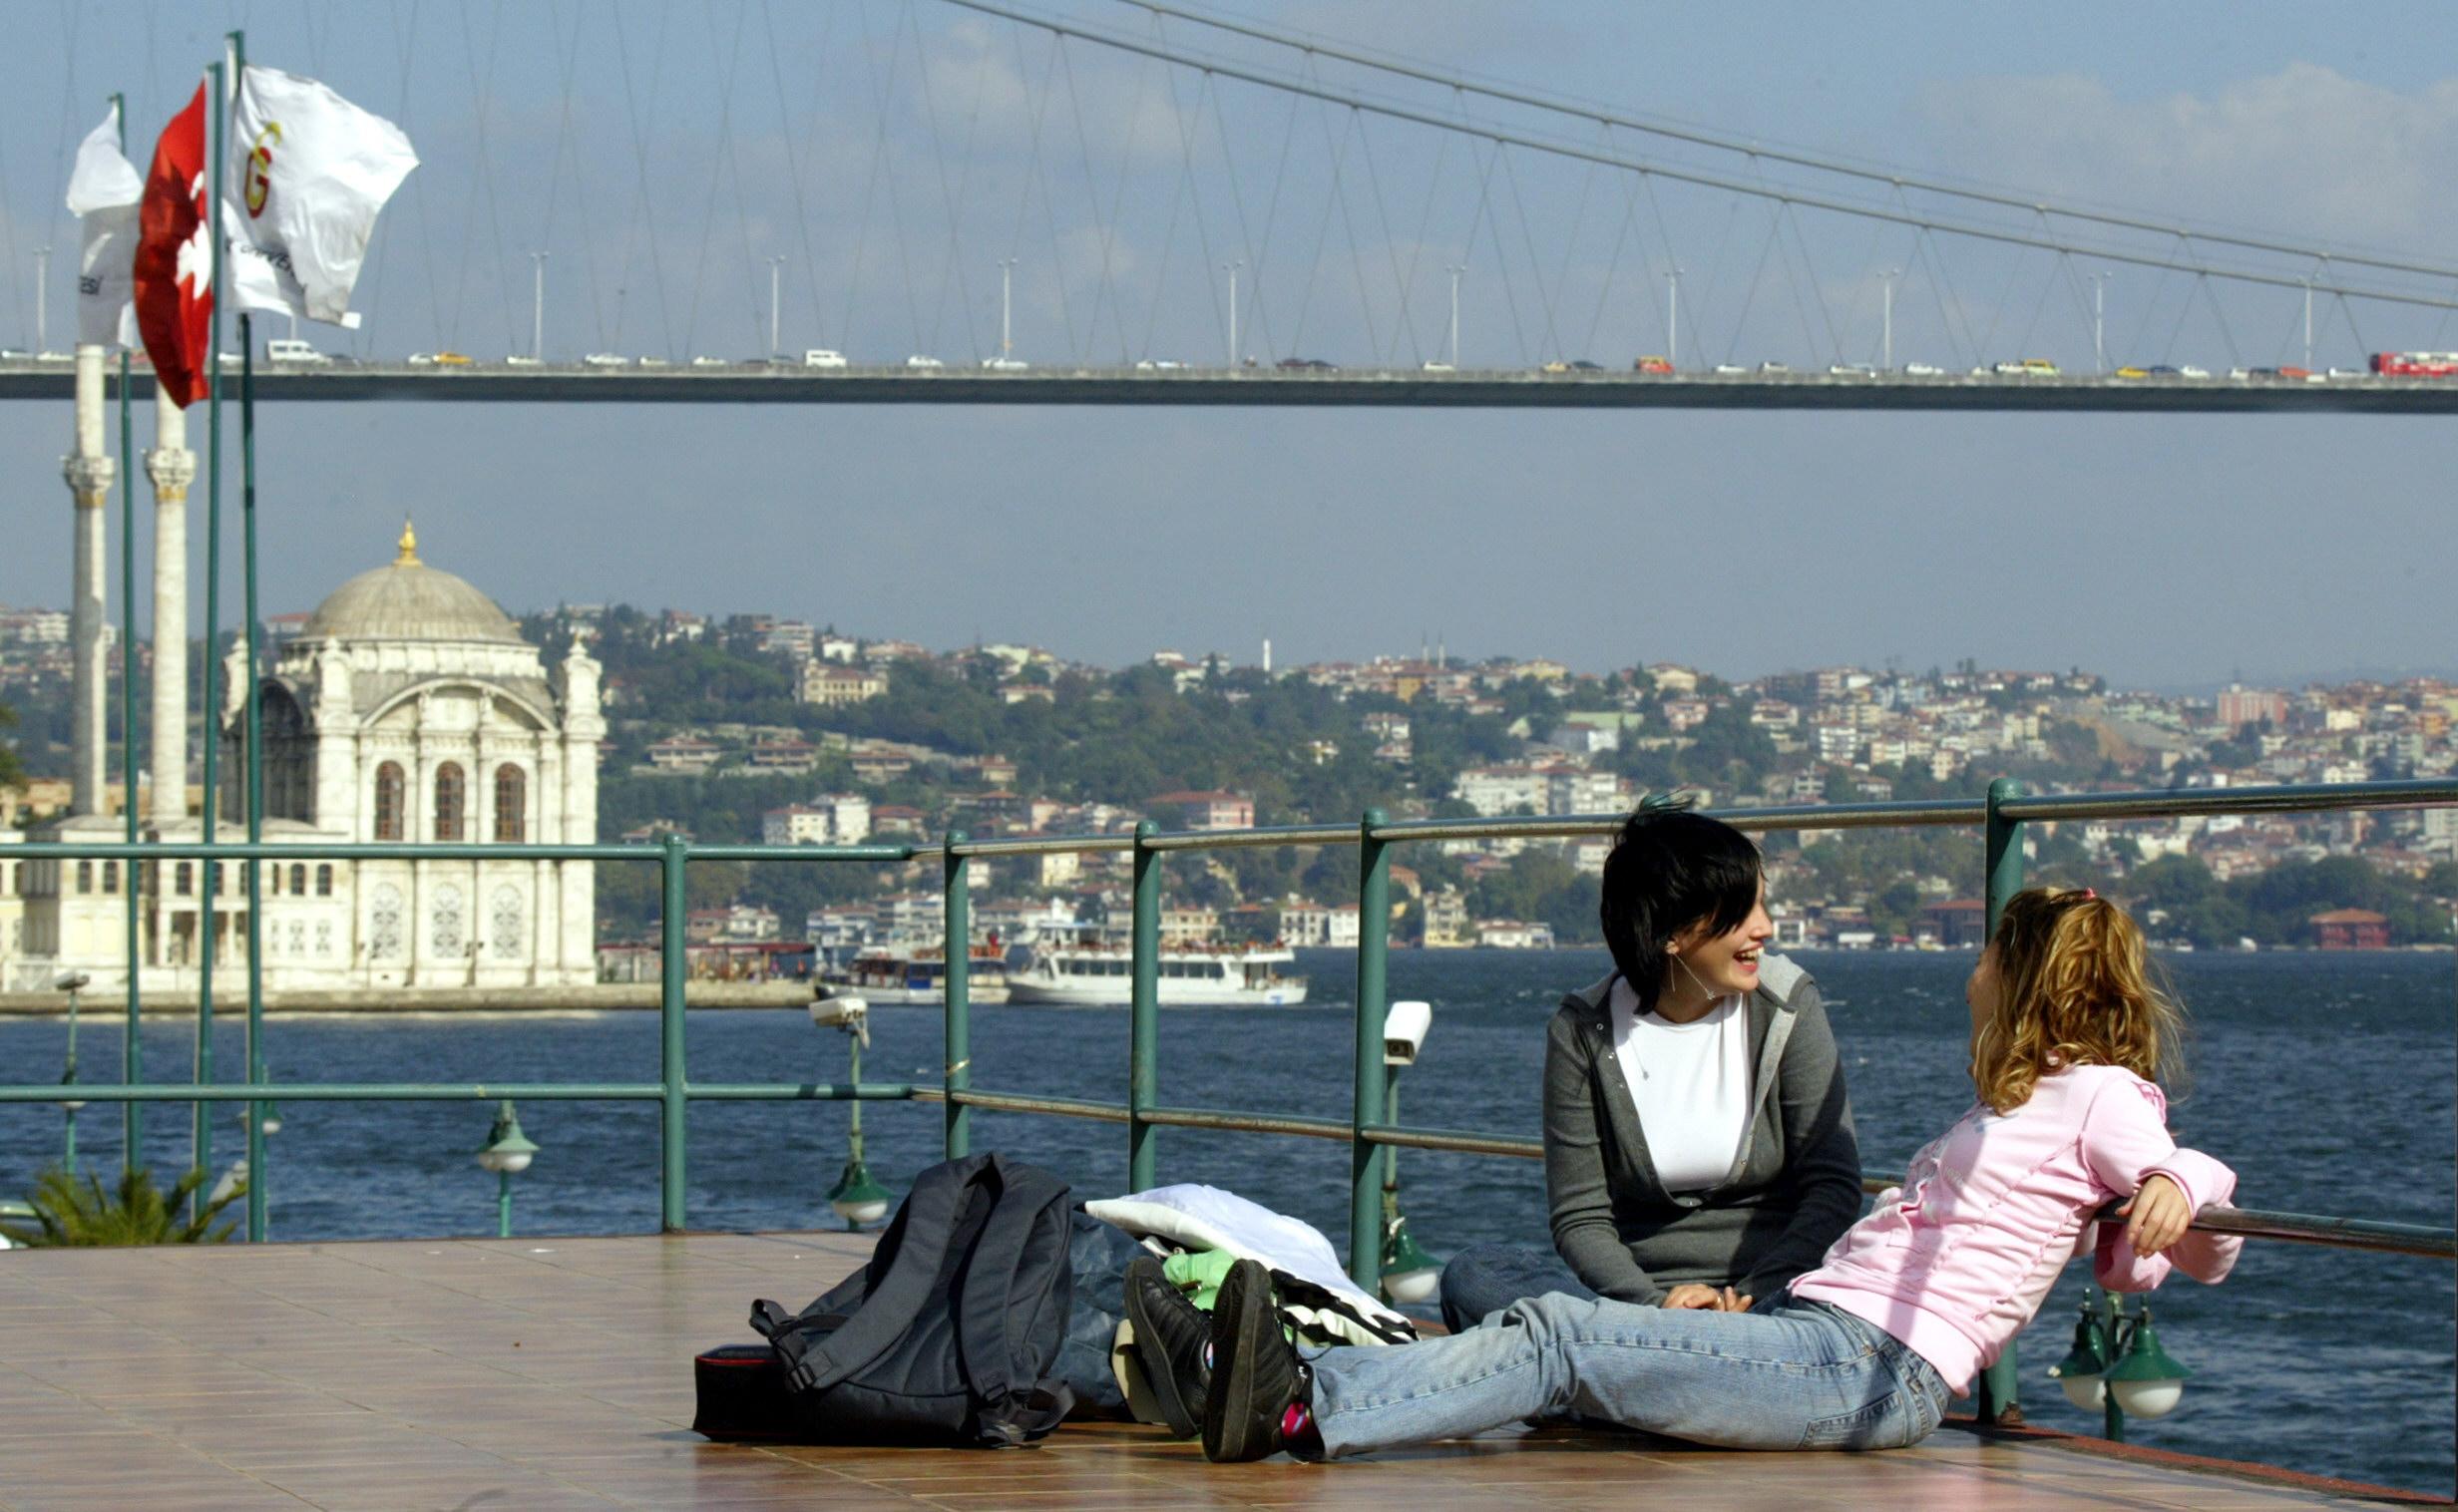 طالبتان من جامعة غلطة سراي في اسطنبول وتظهر الجامعة في خلفية الصورة